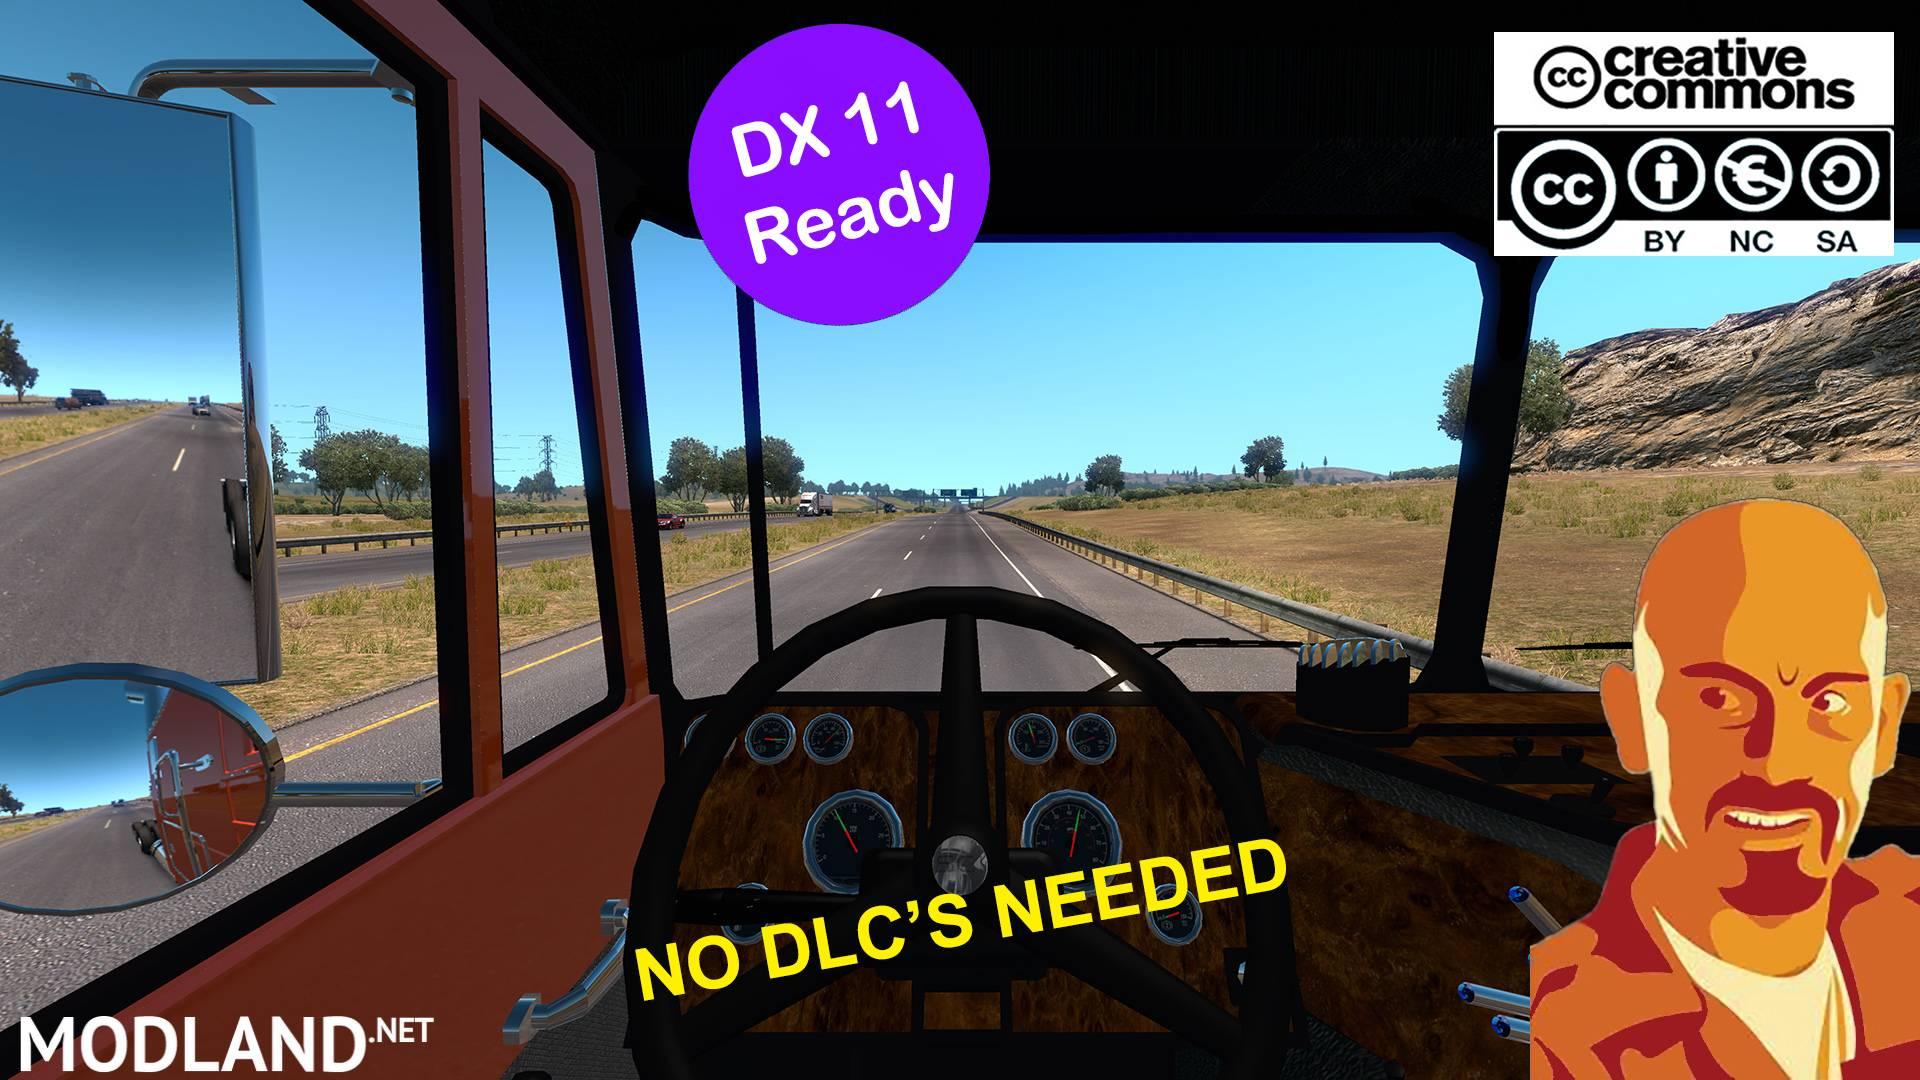 PETERBILT 352 REWORKED ATS 1 35 x DX11 FIX NO DLC NEEDED mod for